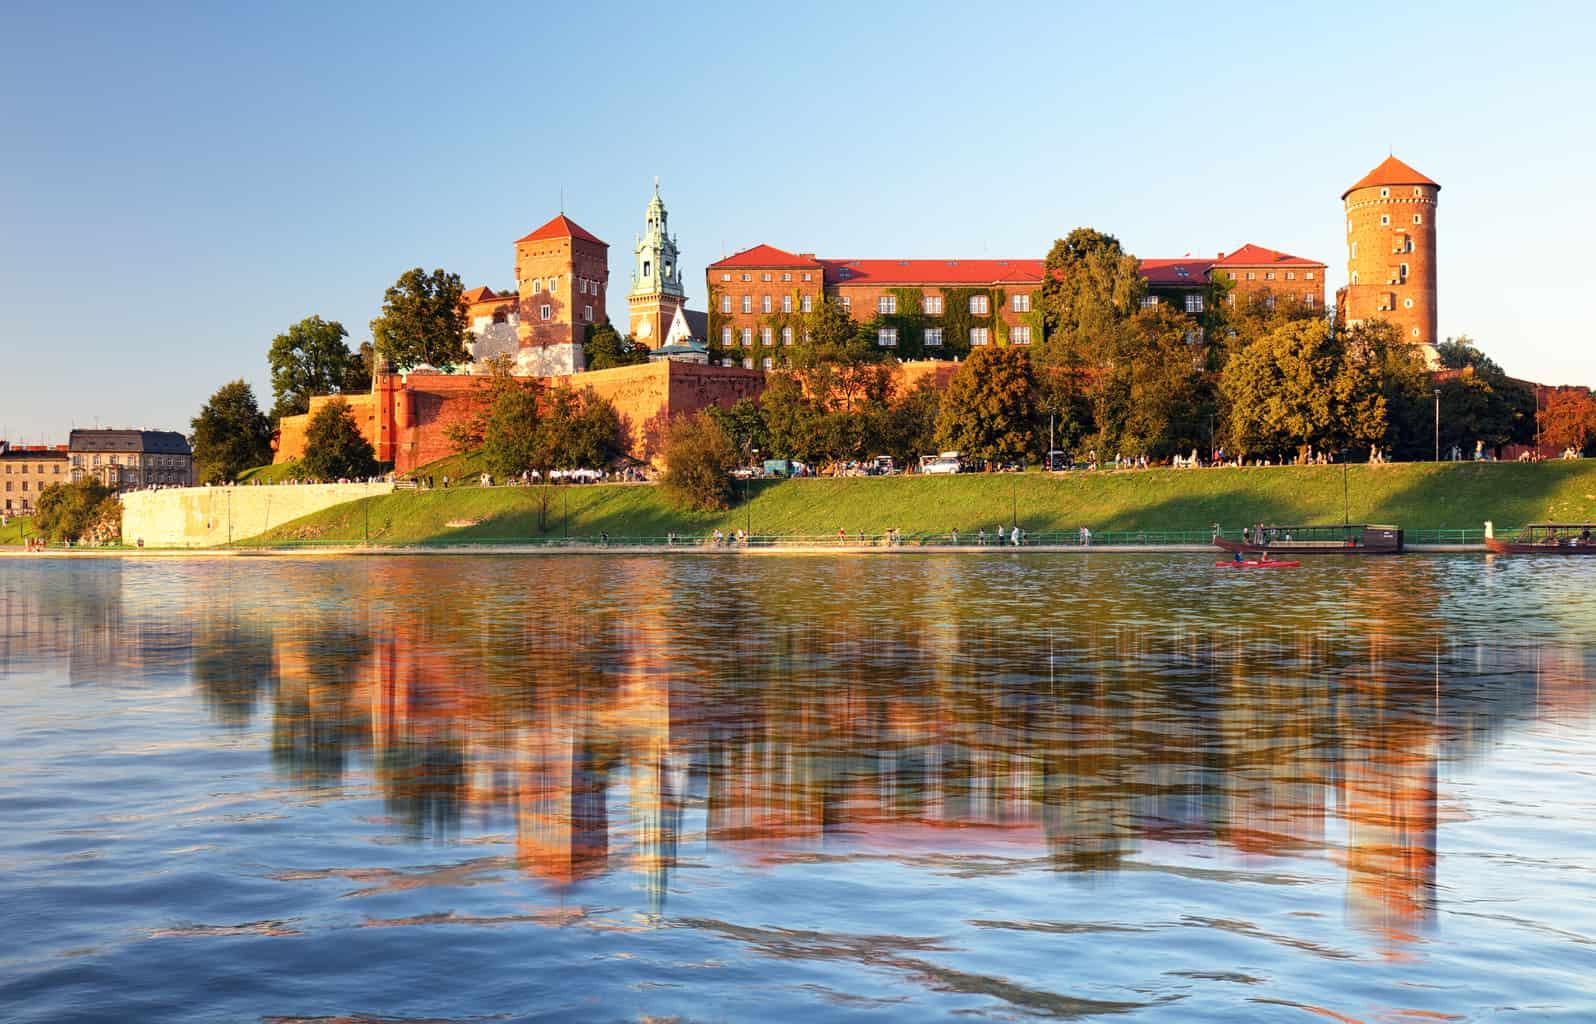 Em-Cracóvia-o-Castelo-Real-é-comparado-ao-Palácio-de-Buckingham-da-Inglaterra-por-conta-da-sua-importância-histórica-aos-poloneses.